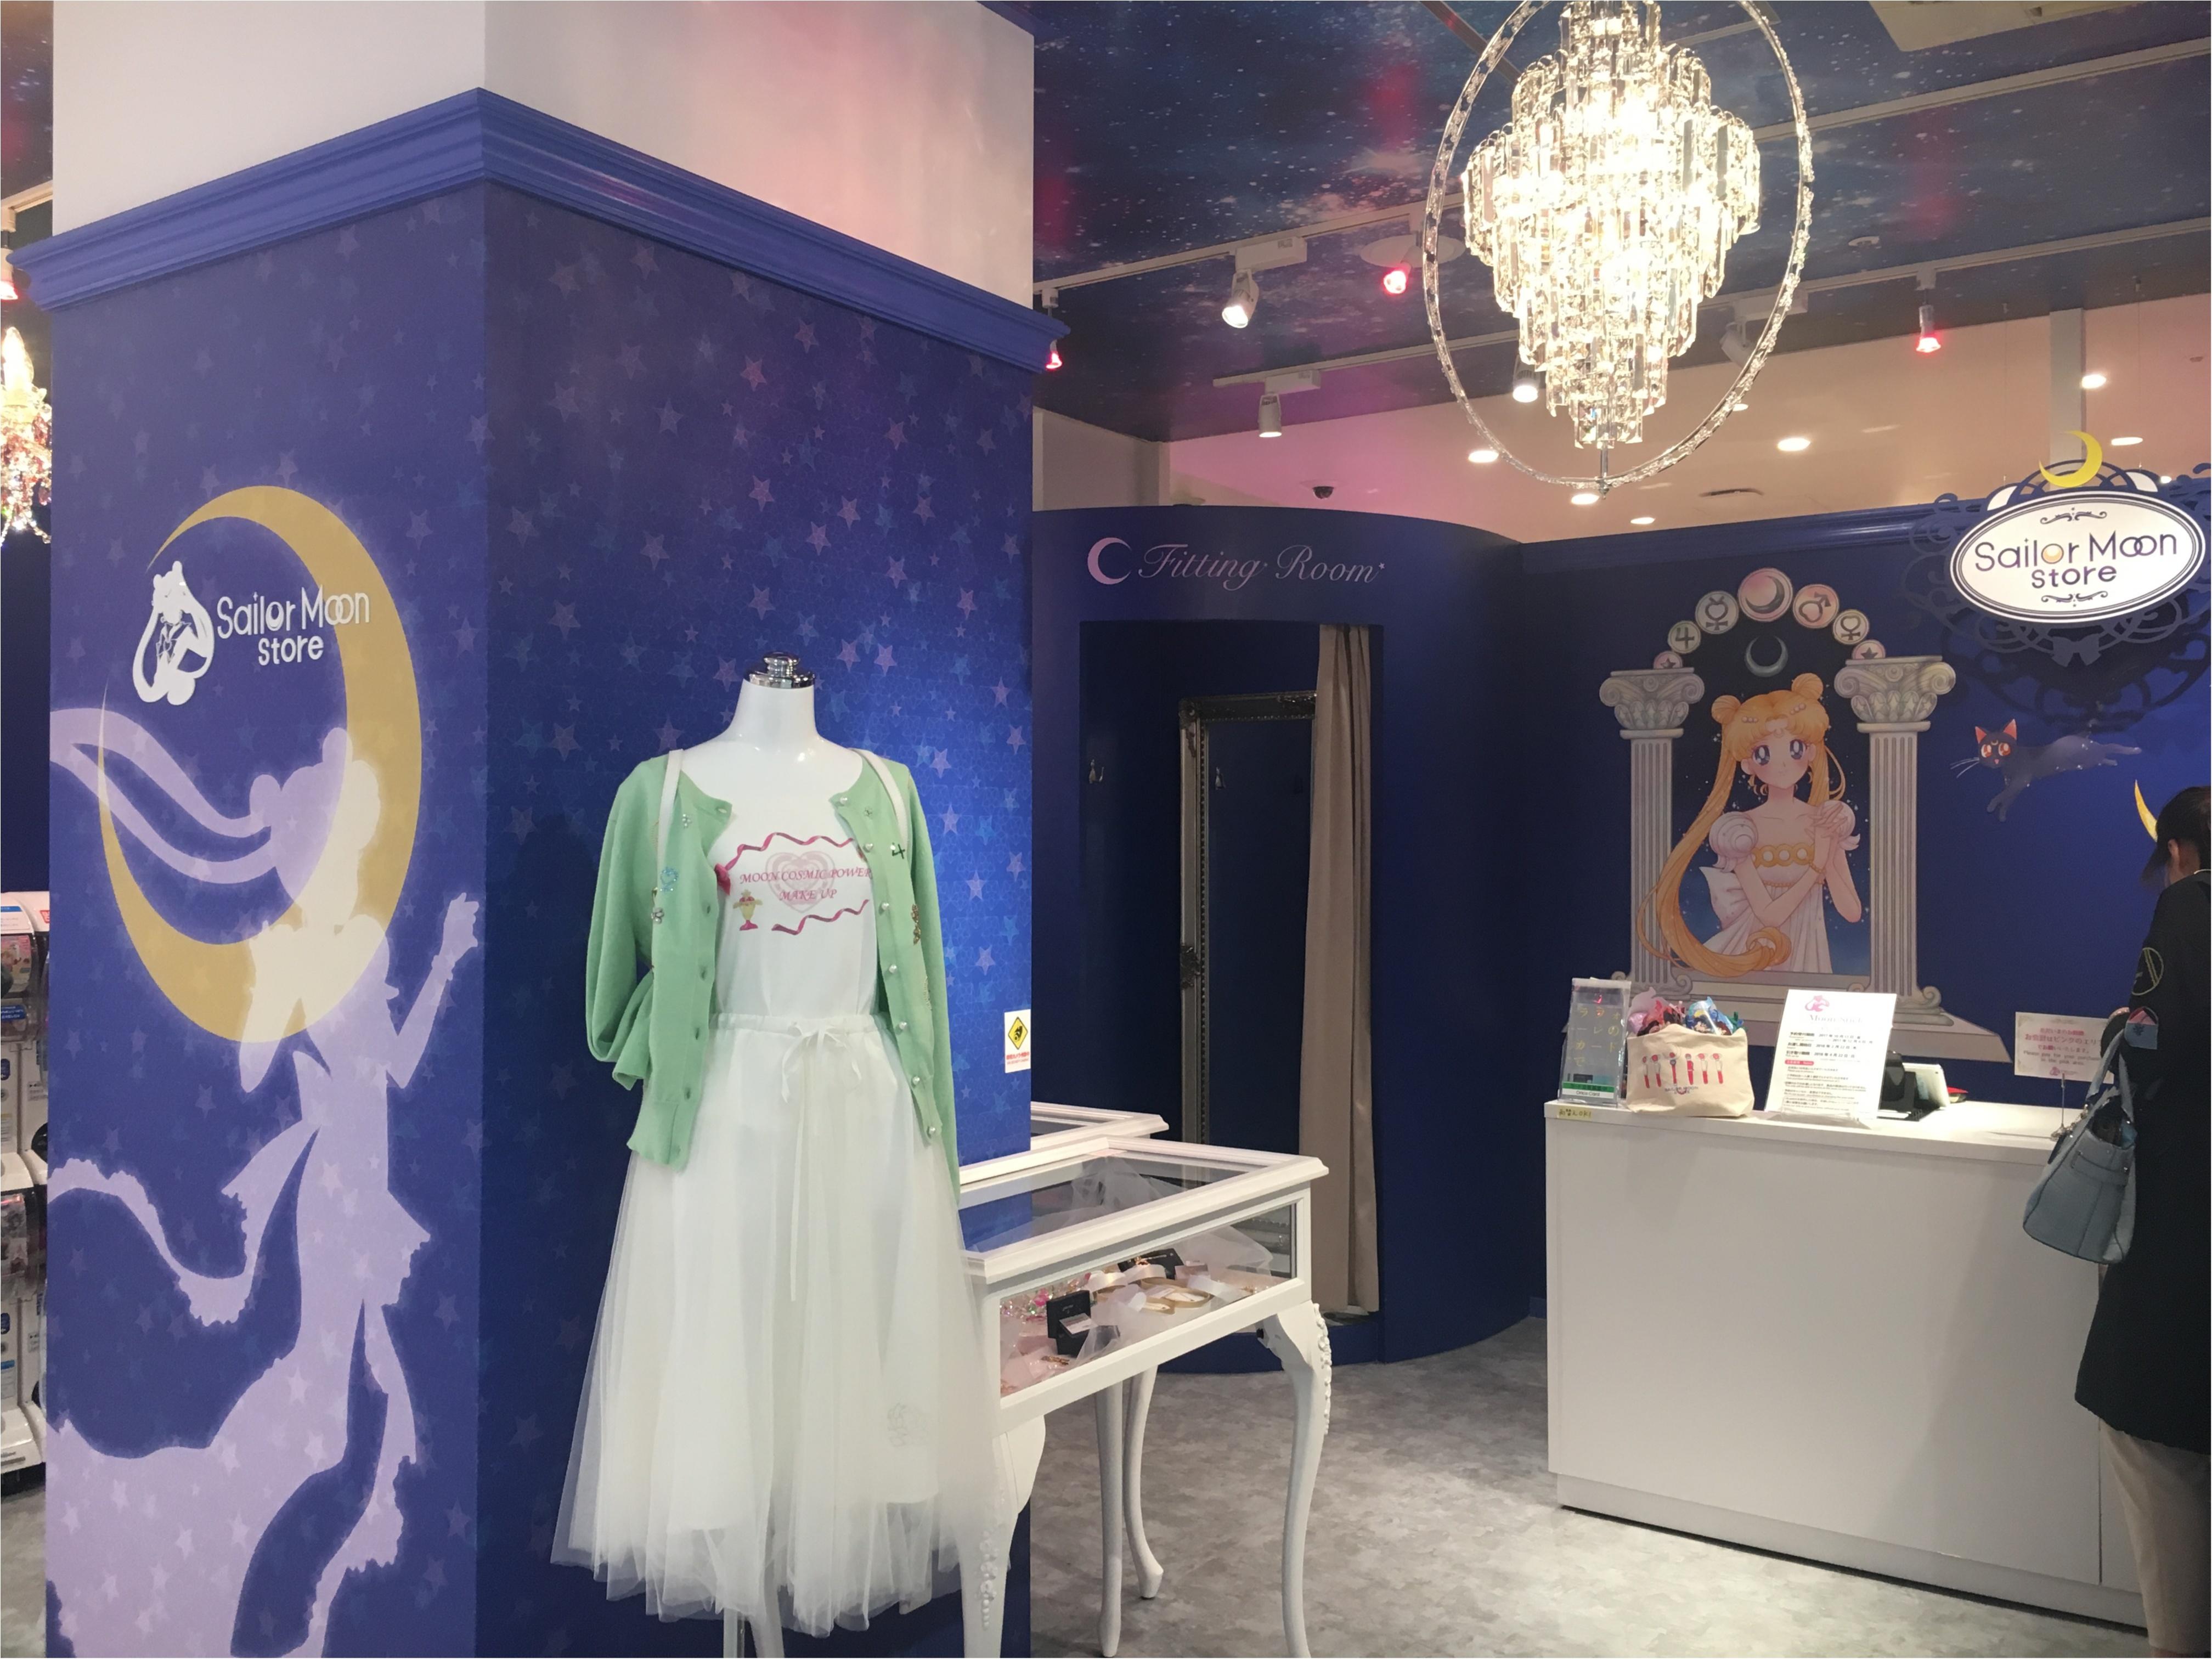 【セーラームーン25周年】世界初のオフィシャルストア誕生!『Sailor Moon store』に行ってみた!_3